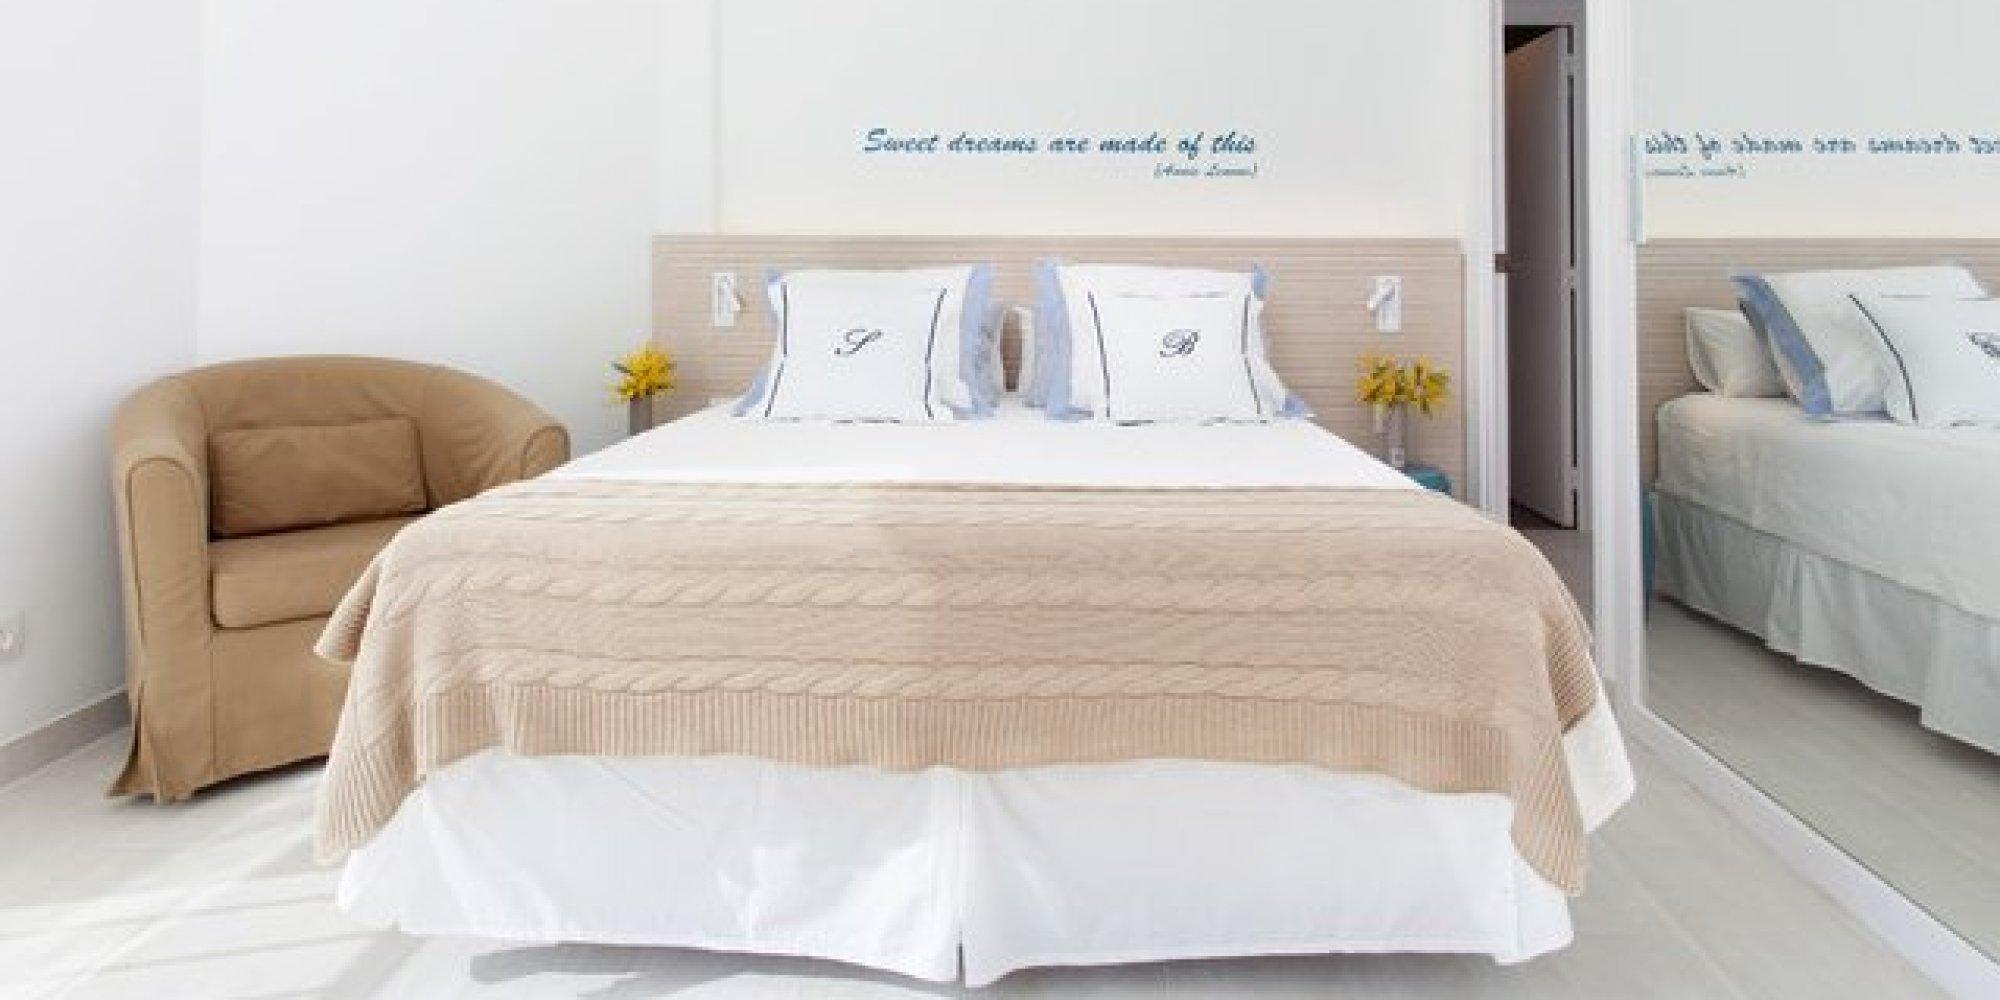 Grandes ideas para conseguir metros en dormitorios peque os for Ejemplo de decoracion de dormitorio adulto